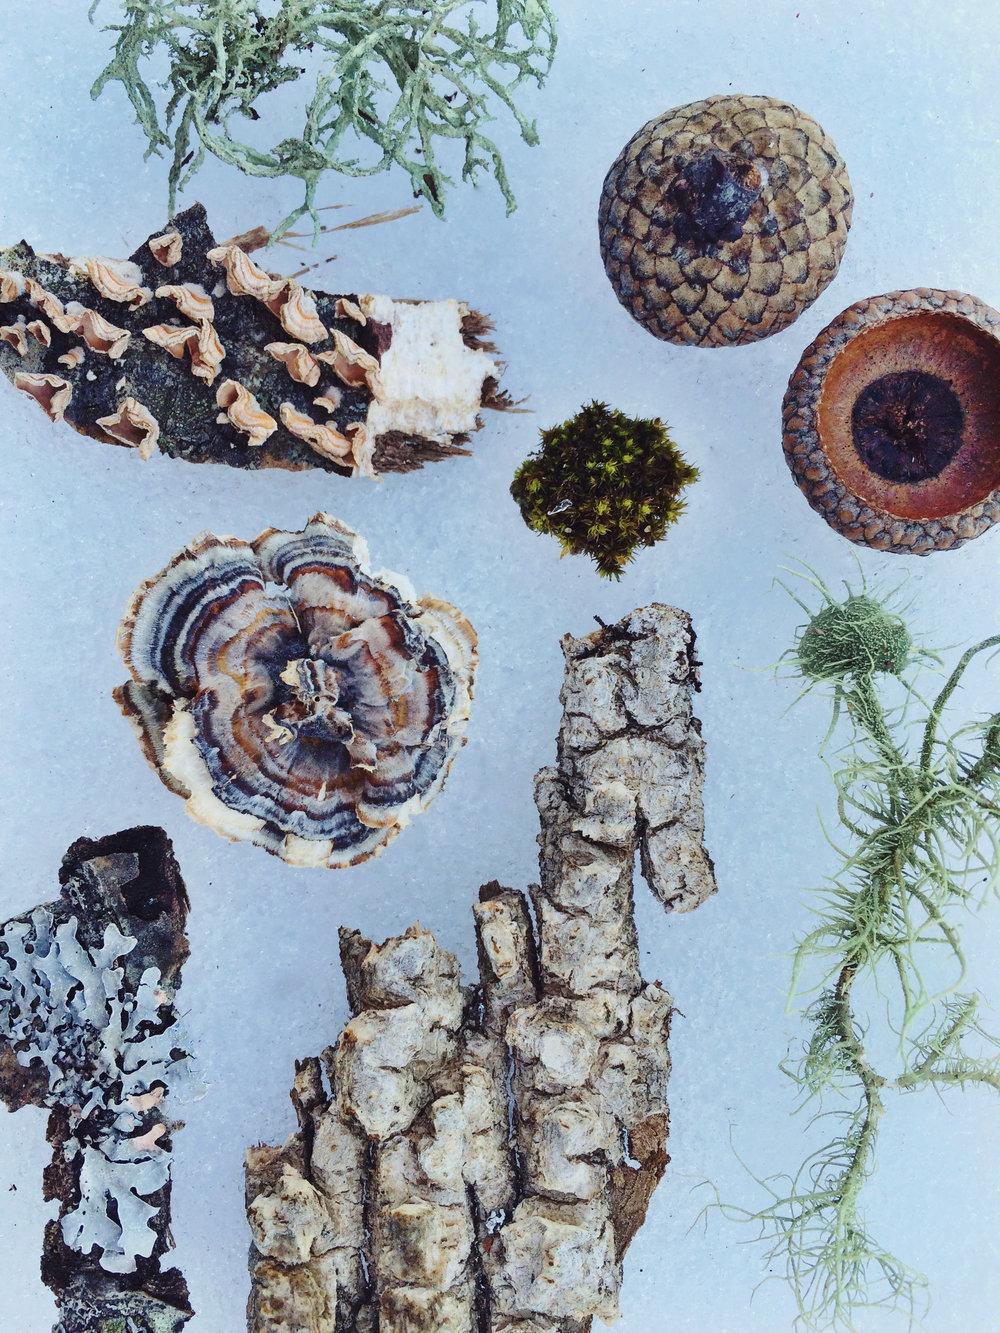 Neighborhood Naturalist—Alison Znamierowski